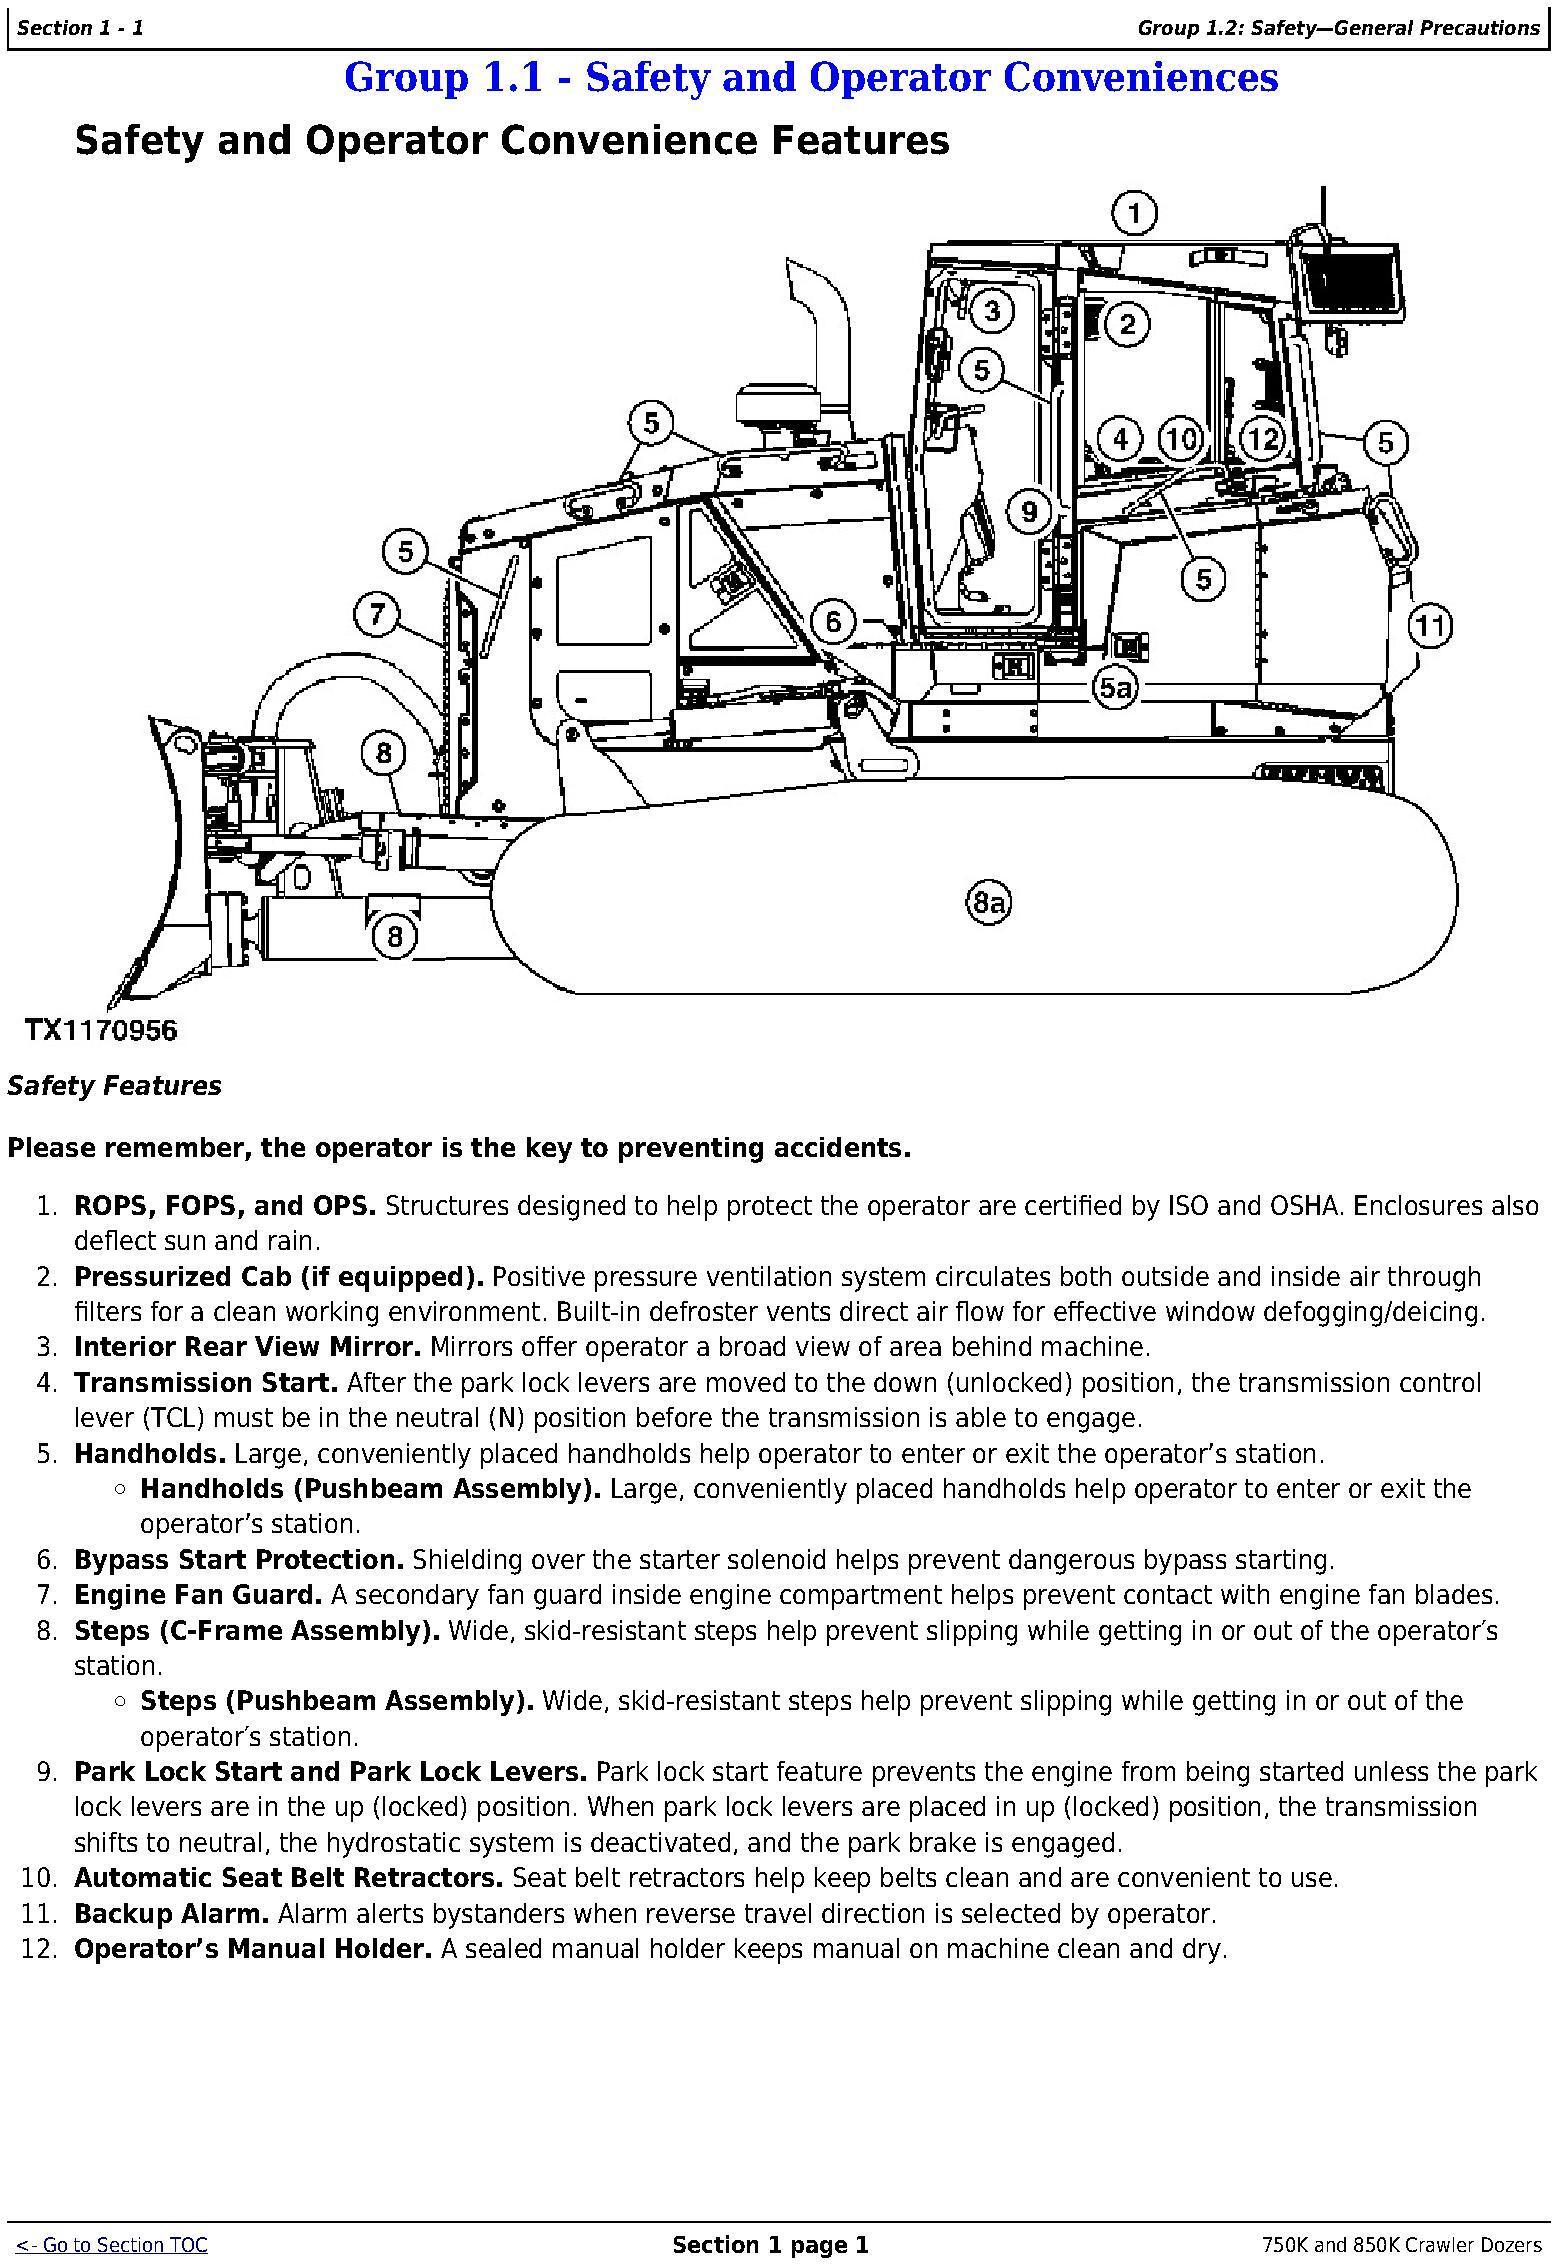 OMT355293X19 - John Deere 750K (SN. F271593-), 850K (SN. F271510-) Crawler Dozers Operator's Manual - 1